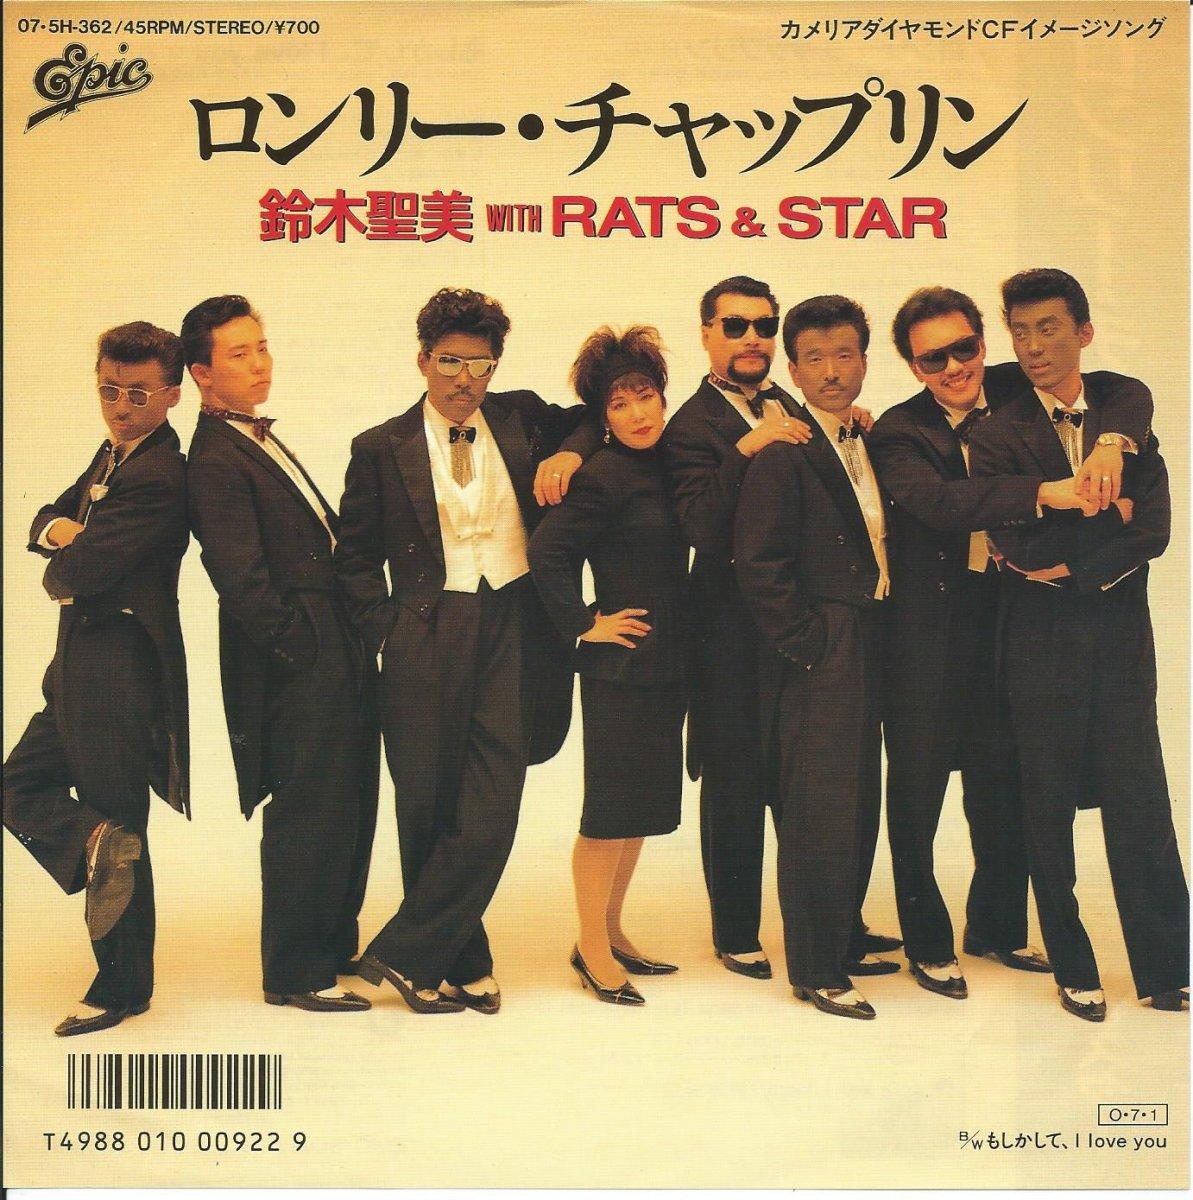 鈴木聖美 WITH RATS & STAR / ロンリー・チャップリン (7